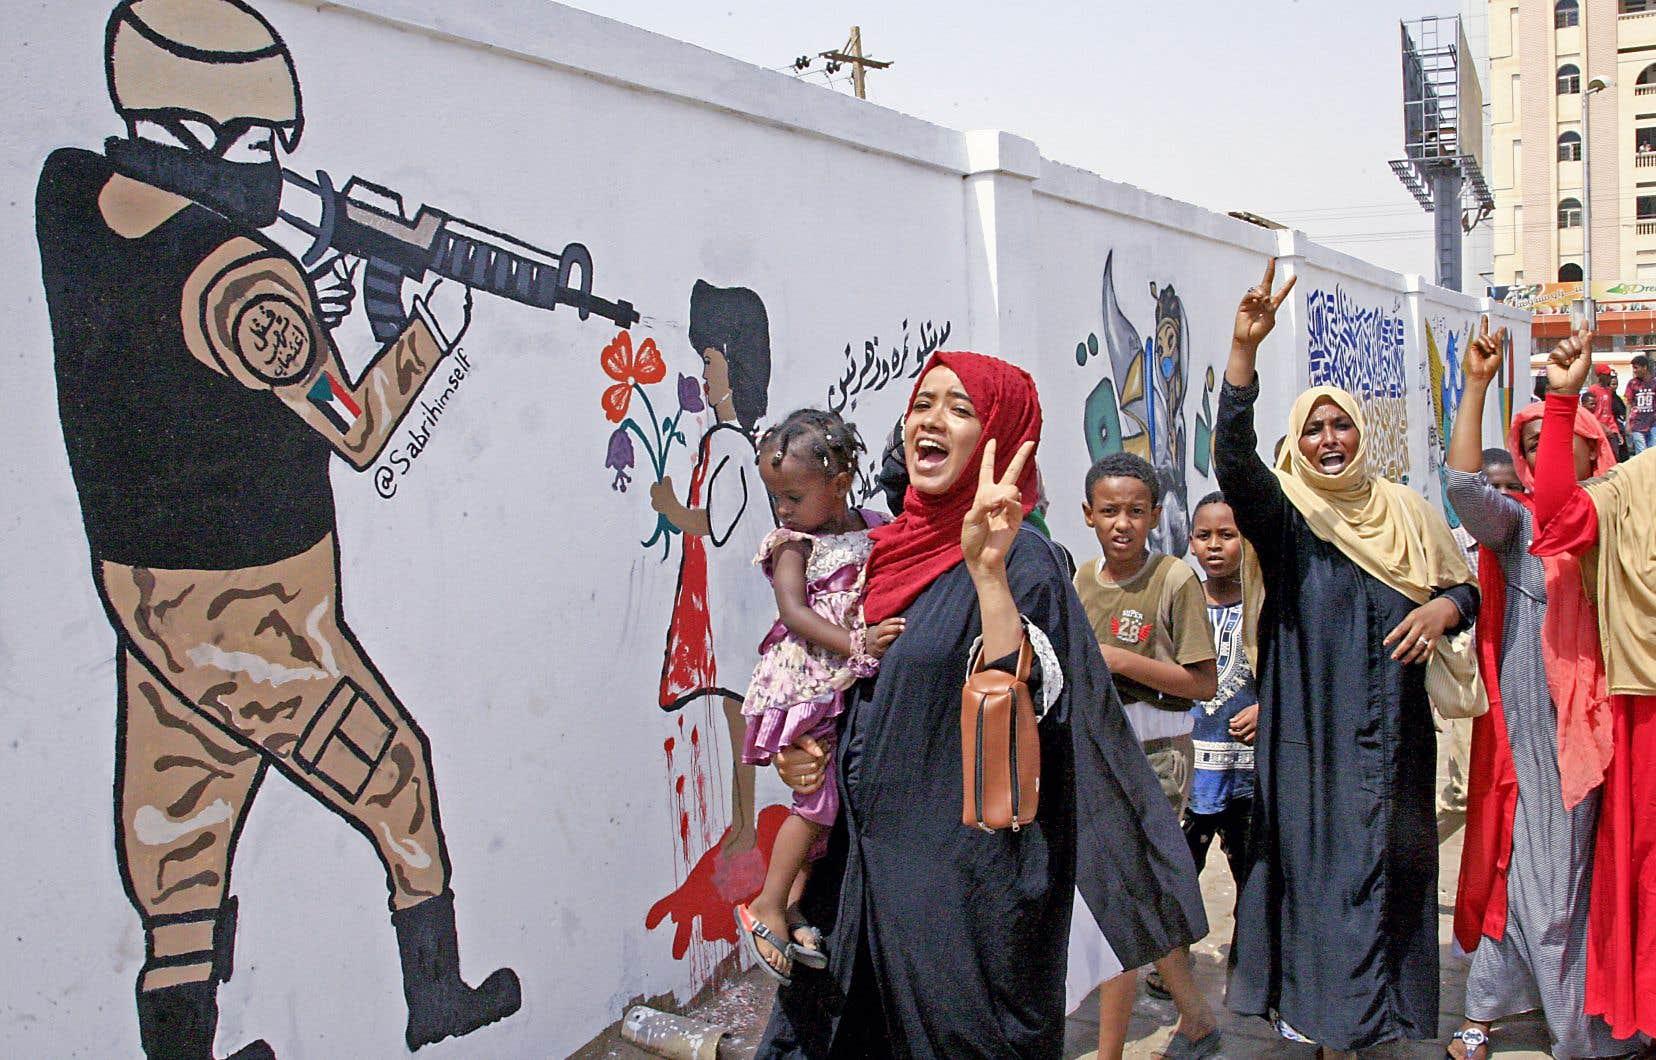 Des centaines de Soudanais ont manifesté leur joie en chantant et en dansant dans les villes.